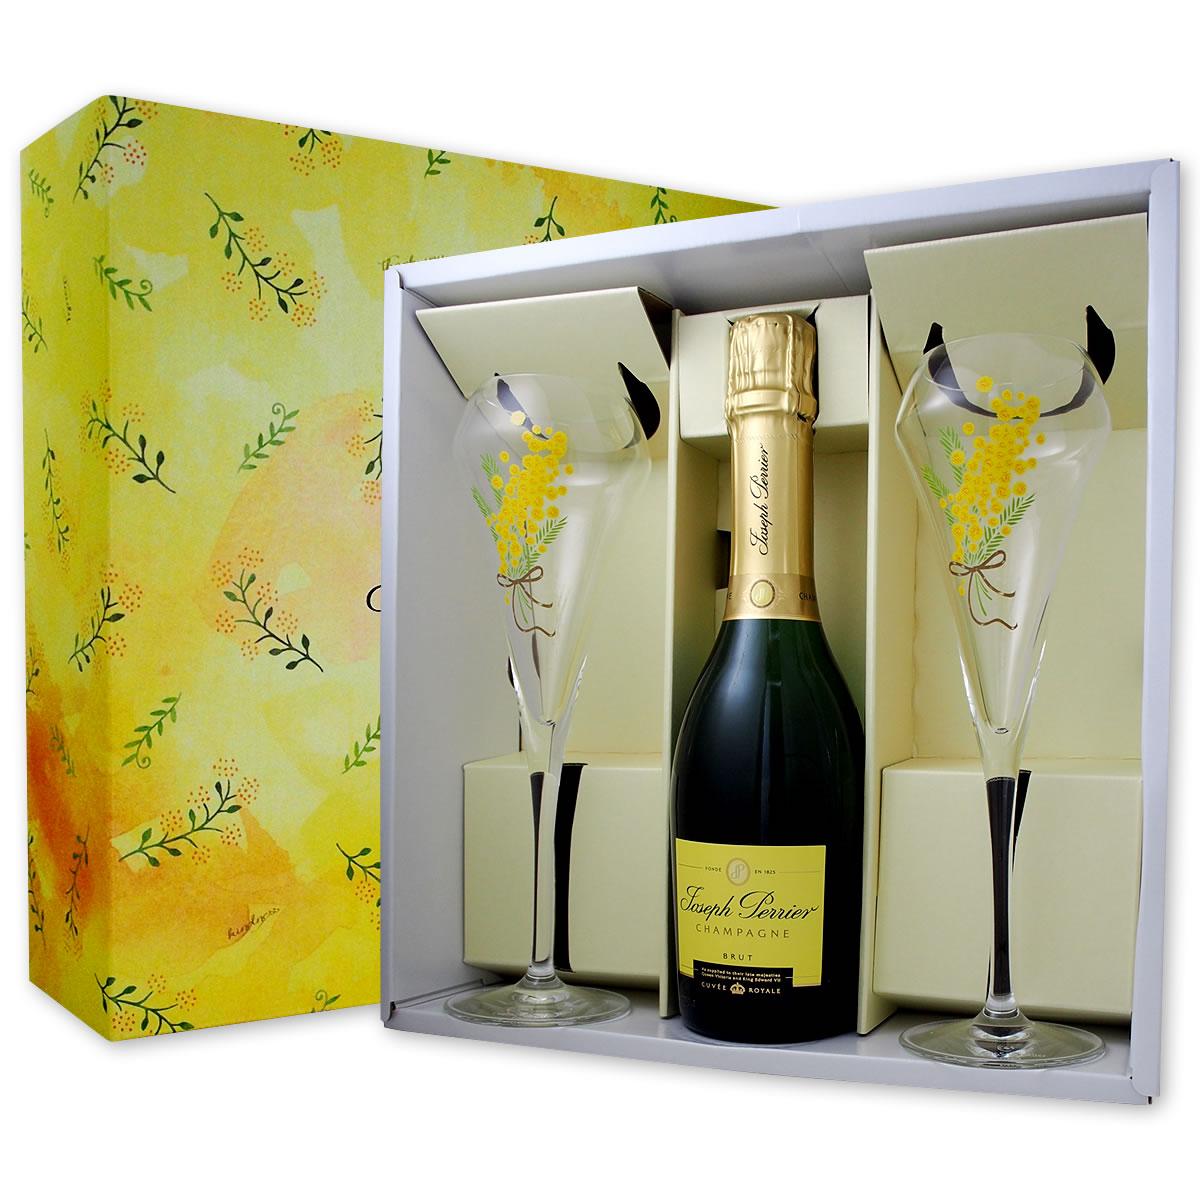 シャンパーニュ・ジョセフ・ペリエ・キュベ・ロワイヤル・ブリュット・ミモザグラスセット(375ml)【フランス】【白スパークリングワイン】【辛口】【Joseph Perrier】【Champagne】【ギフト】【専用箱入り】